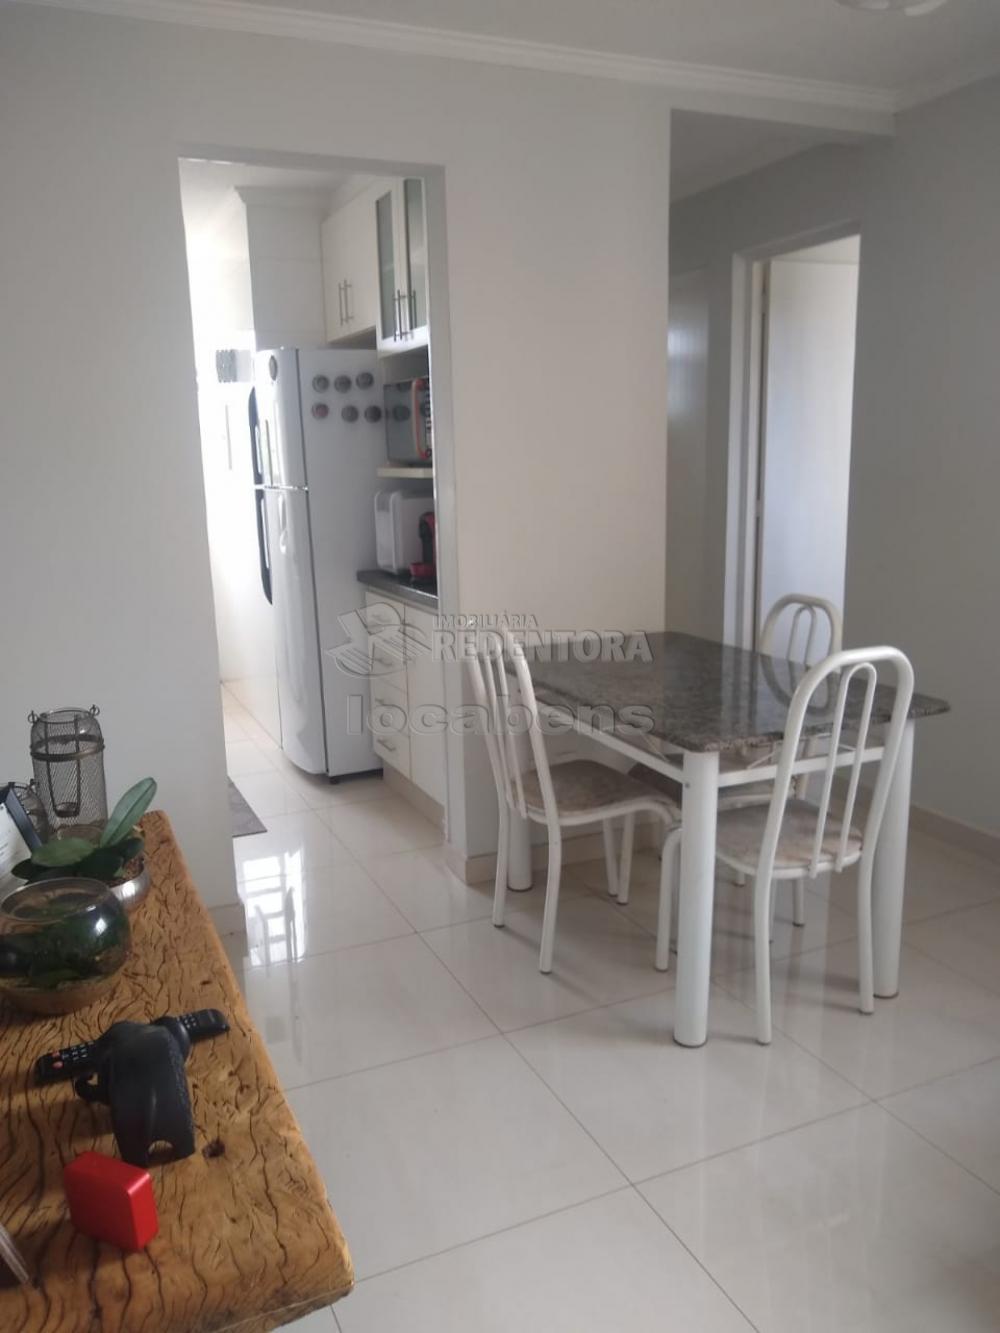 Comprar Apartamento / Padrão em São José do Rio Preto R$ 165.000,00 - Foto 22